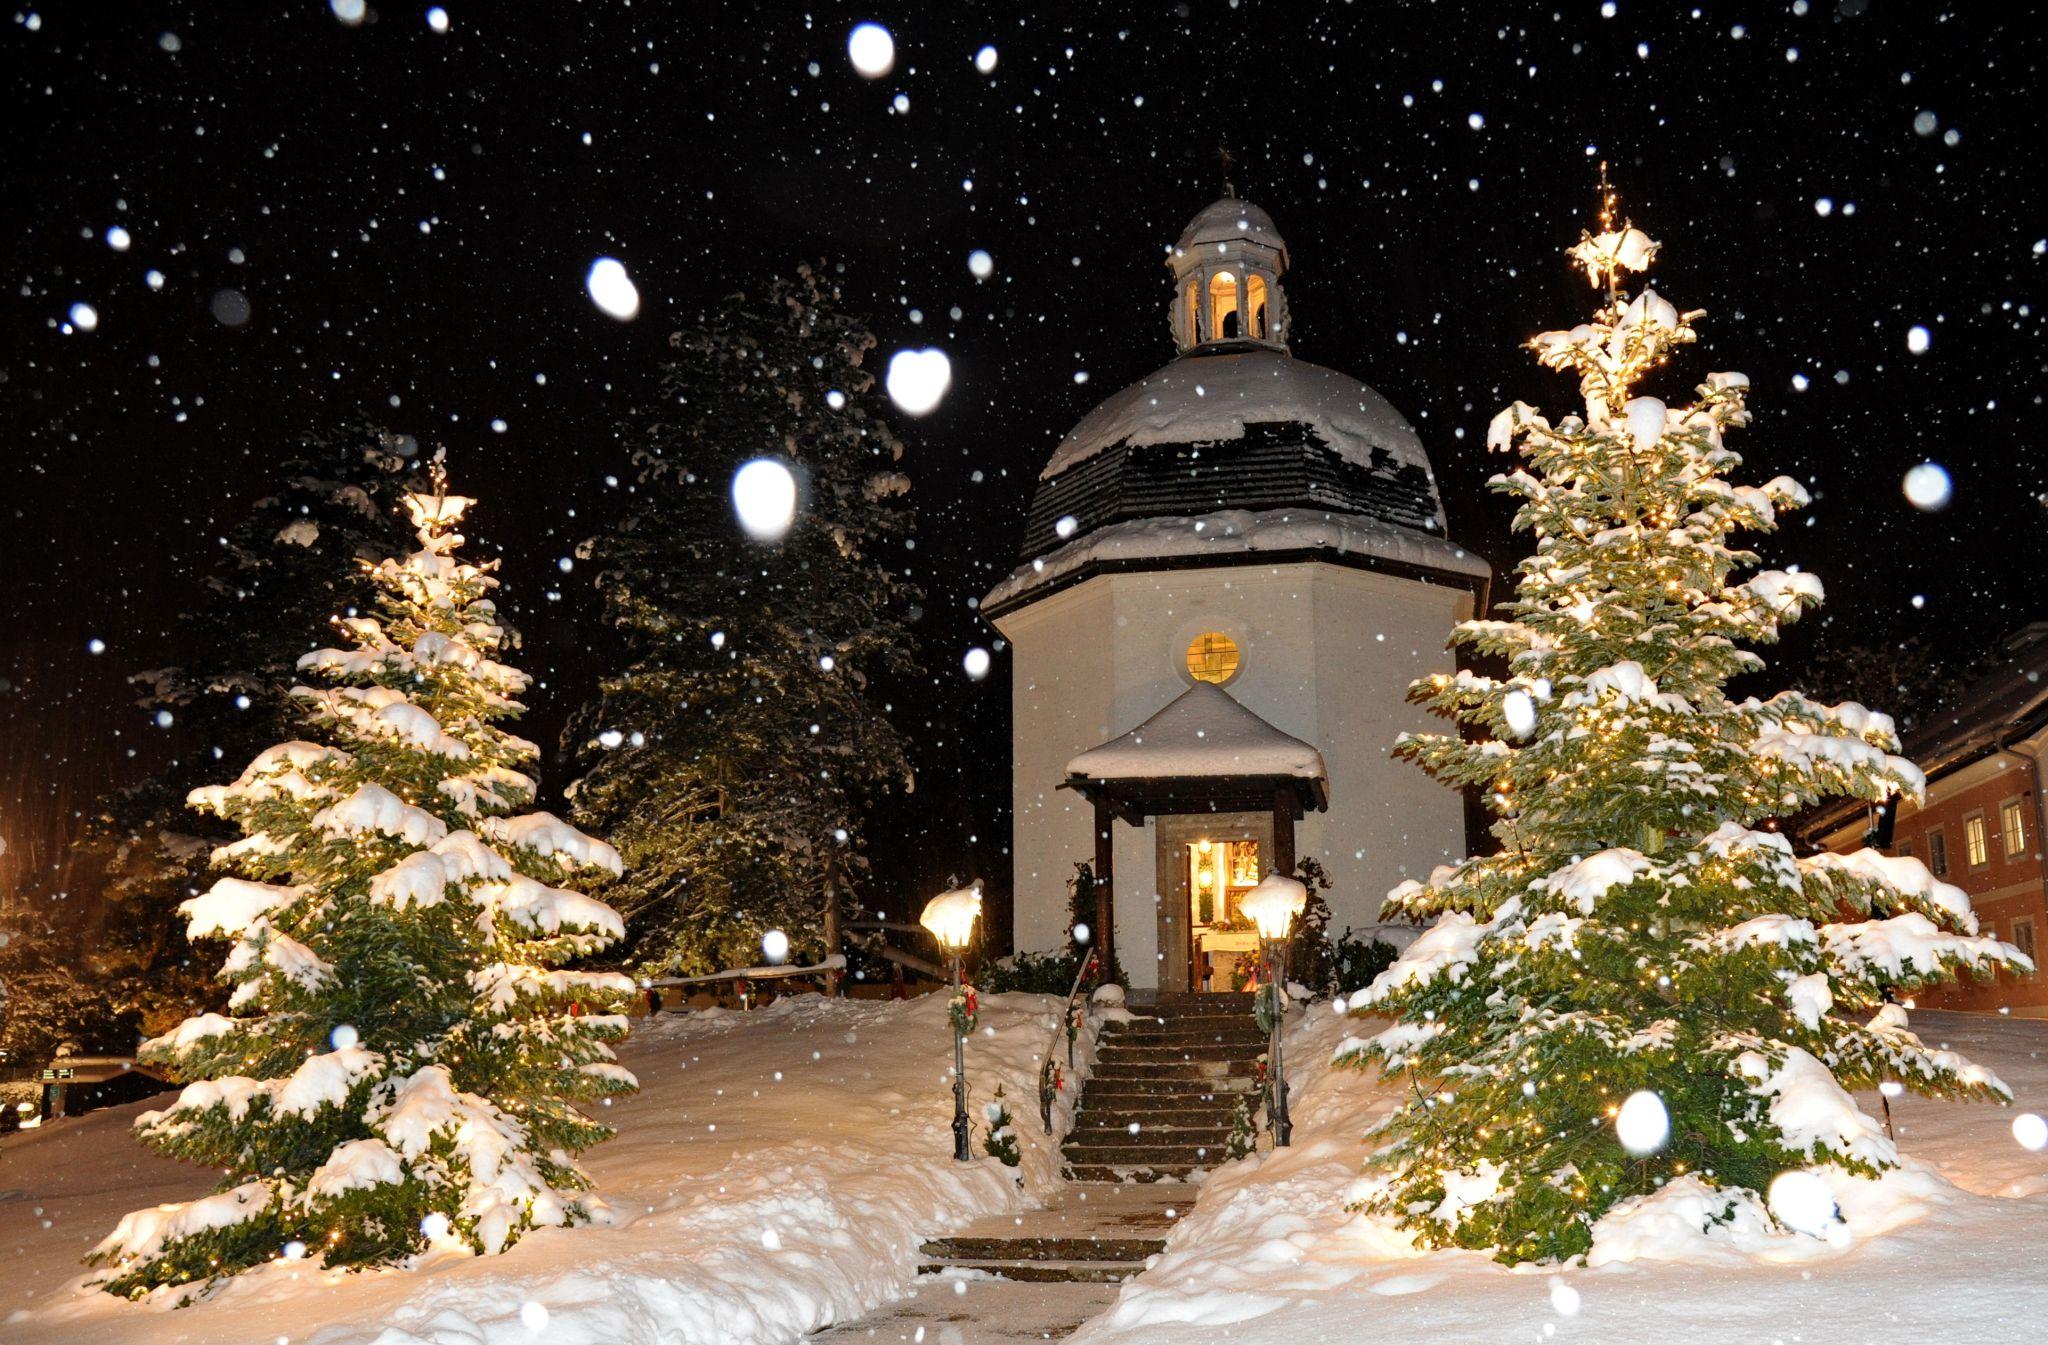 Stille Nacht Kapelle / Silent Night Chapel, Austria